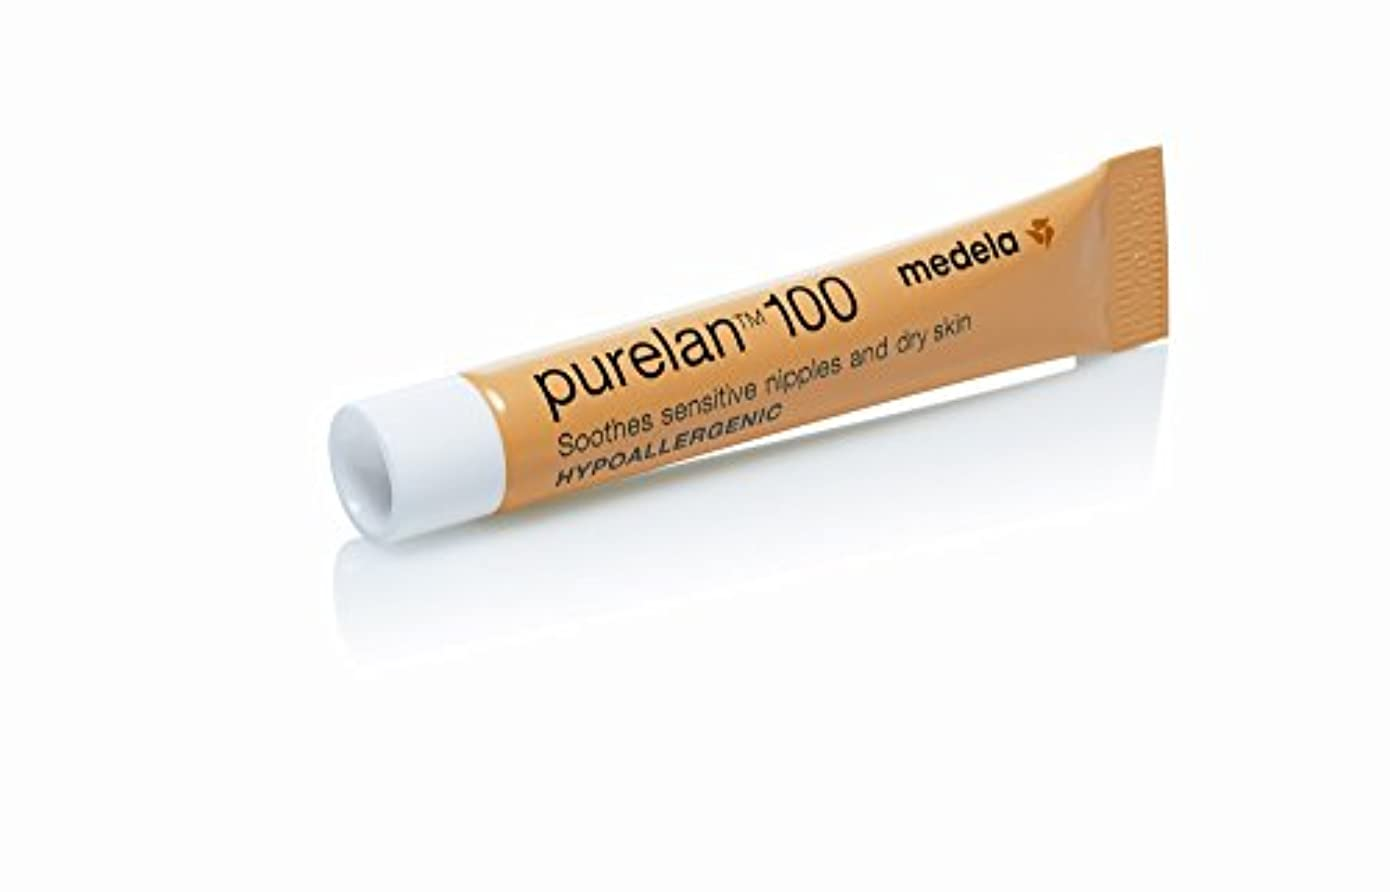 船上アジア人疑い者Medela メデラ 乳頭保護クリーム ピュアレーン100 7g 天然ラノリン 100% (008.0018)